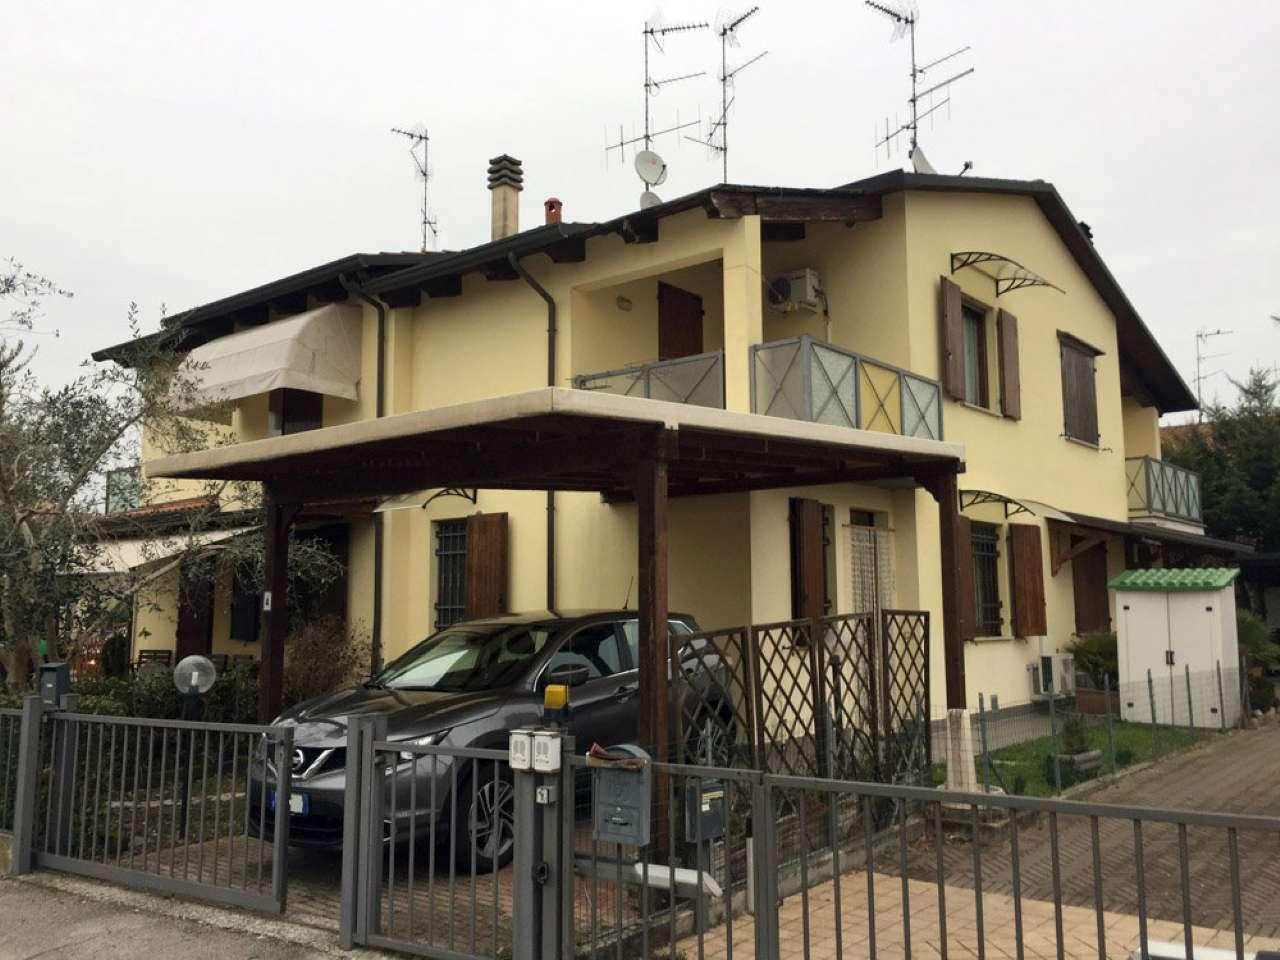 Soluzione Indipendente in vendita a Ravenna, 3 locali, prezzo € 139.000 | CambioCasa.it